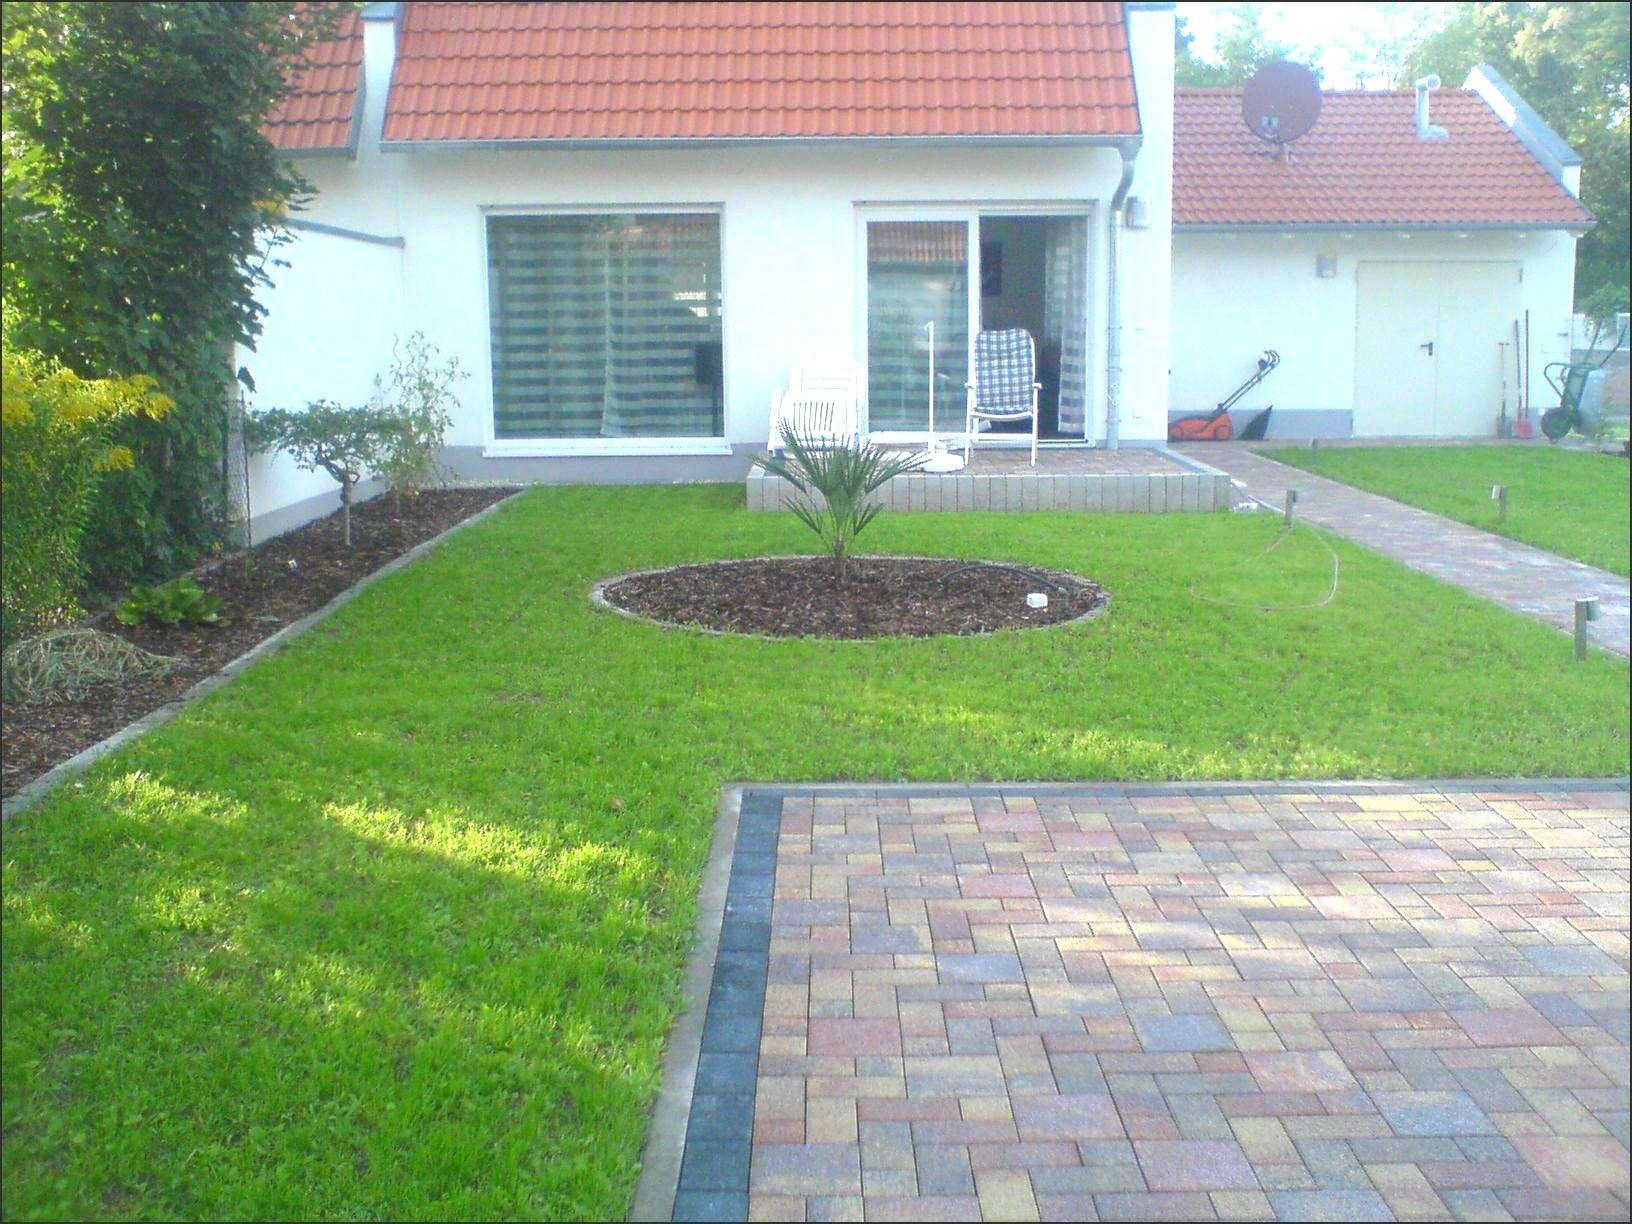 Beispiele Gartengestaltung Best Of Garten Beispiele 35 Inspirierend Gartengestaltung Ideen